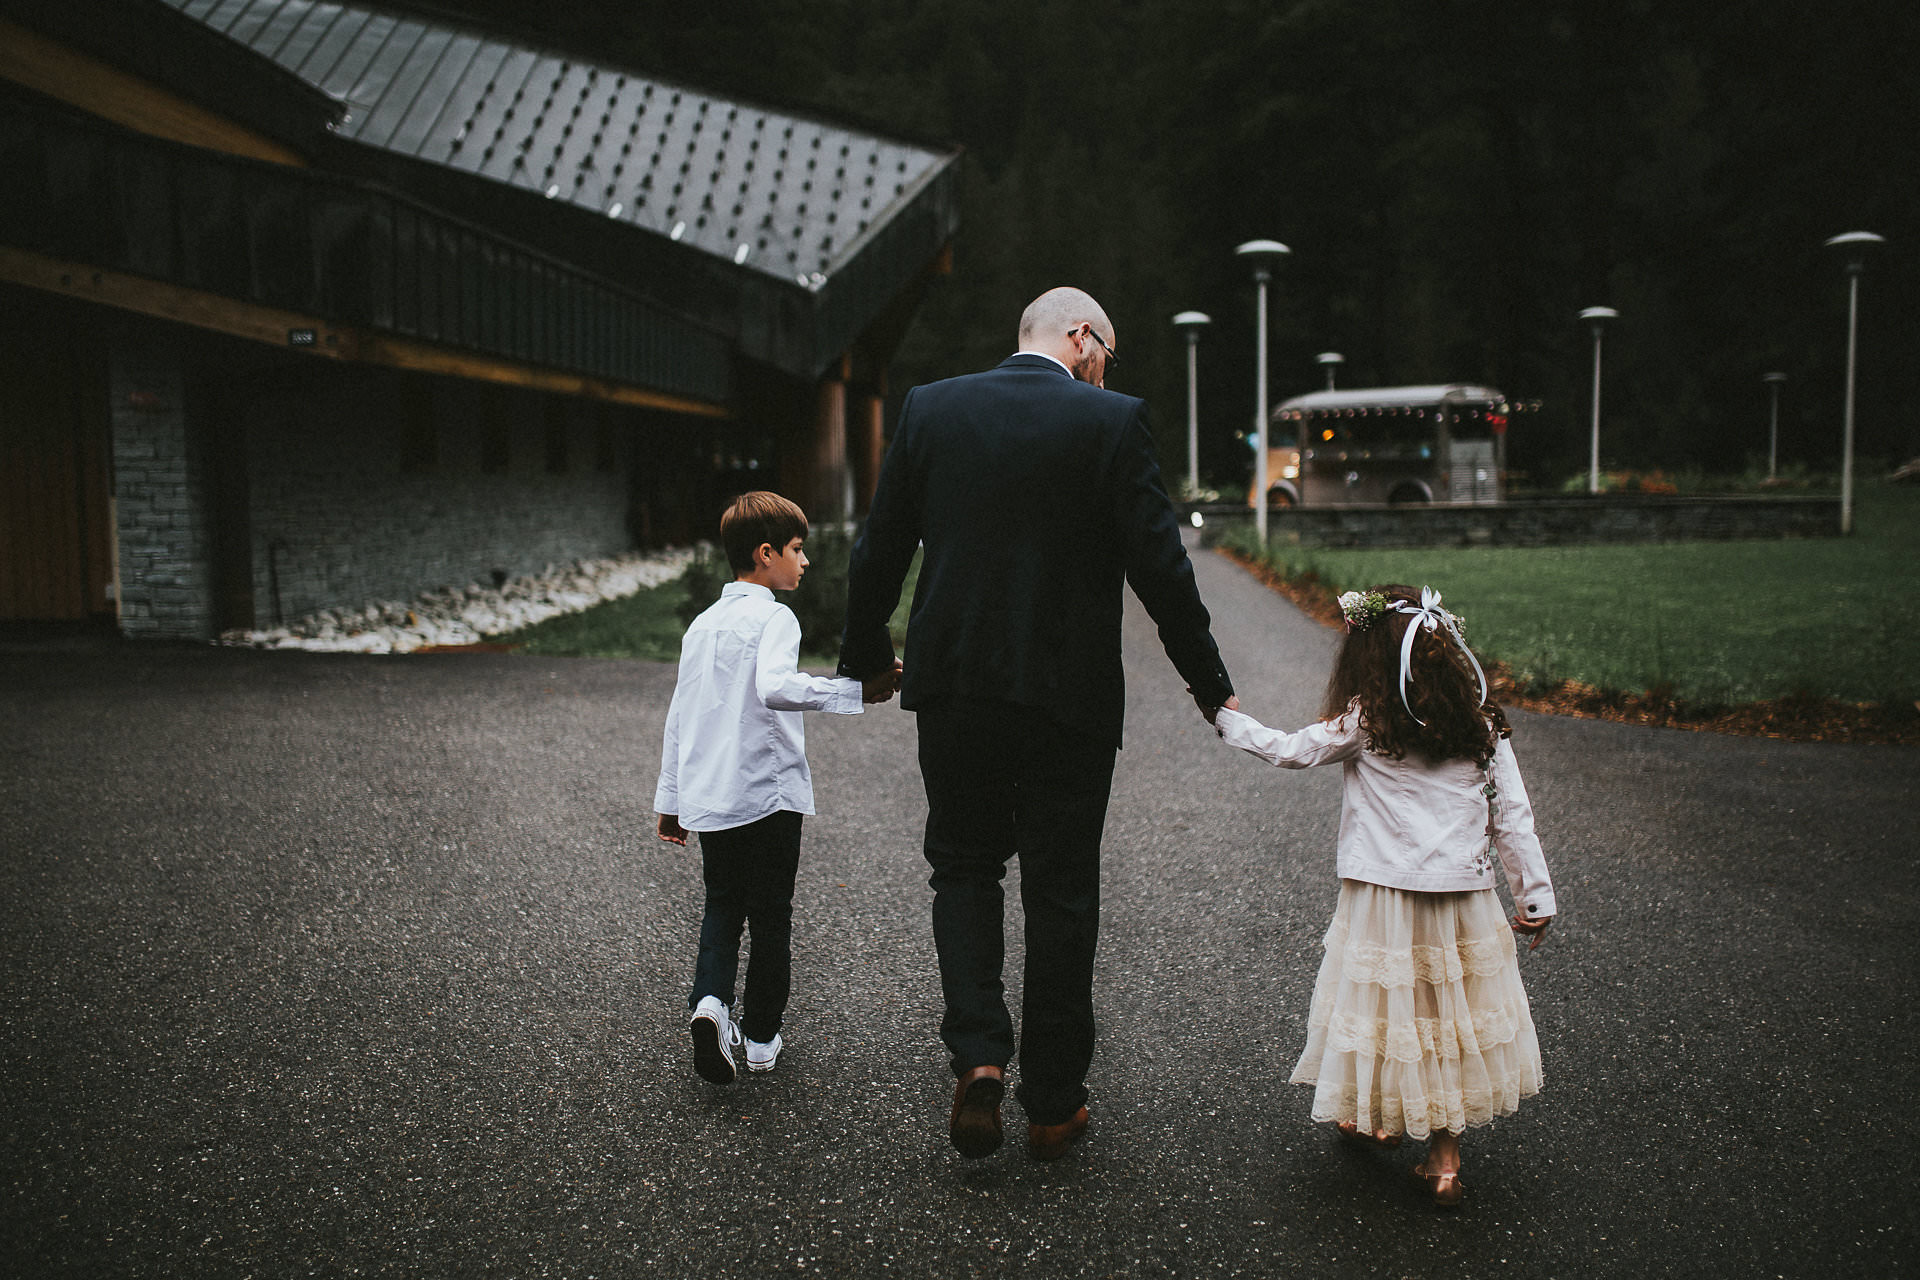 mariage-suisse-haute-savoie-domaine-baron-steven-bassillieaux-bordeaux-dordogne-wedding-photographe-93.jpg